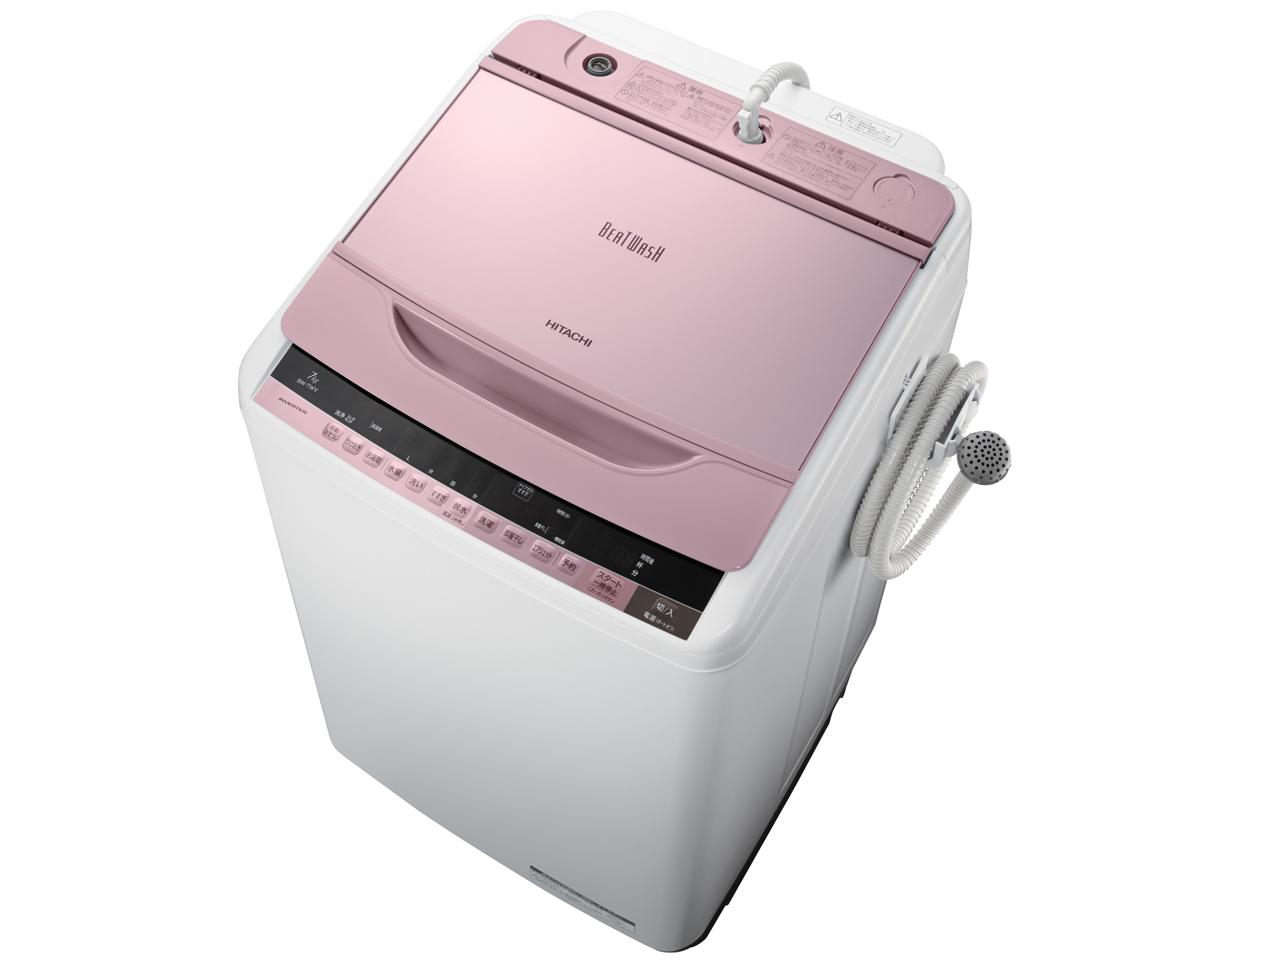 【洗濯機】大型じゃなくても大丈夫!進化する小型洗濯機まとめ!のサムネイル画像